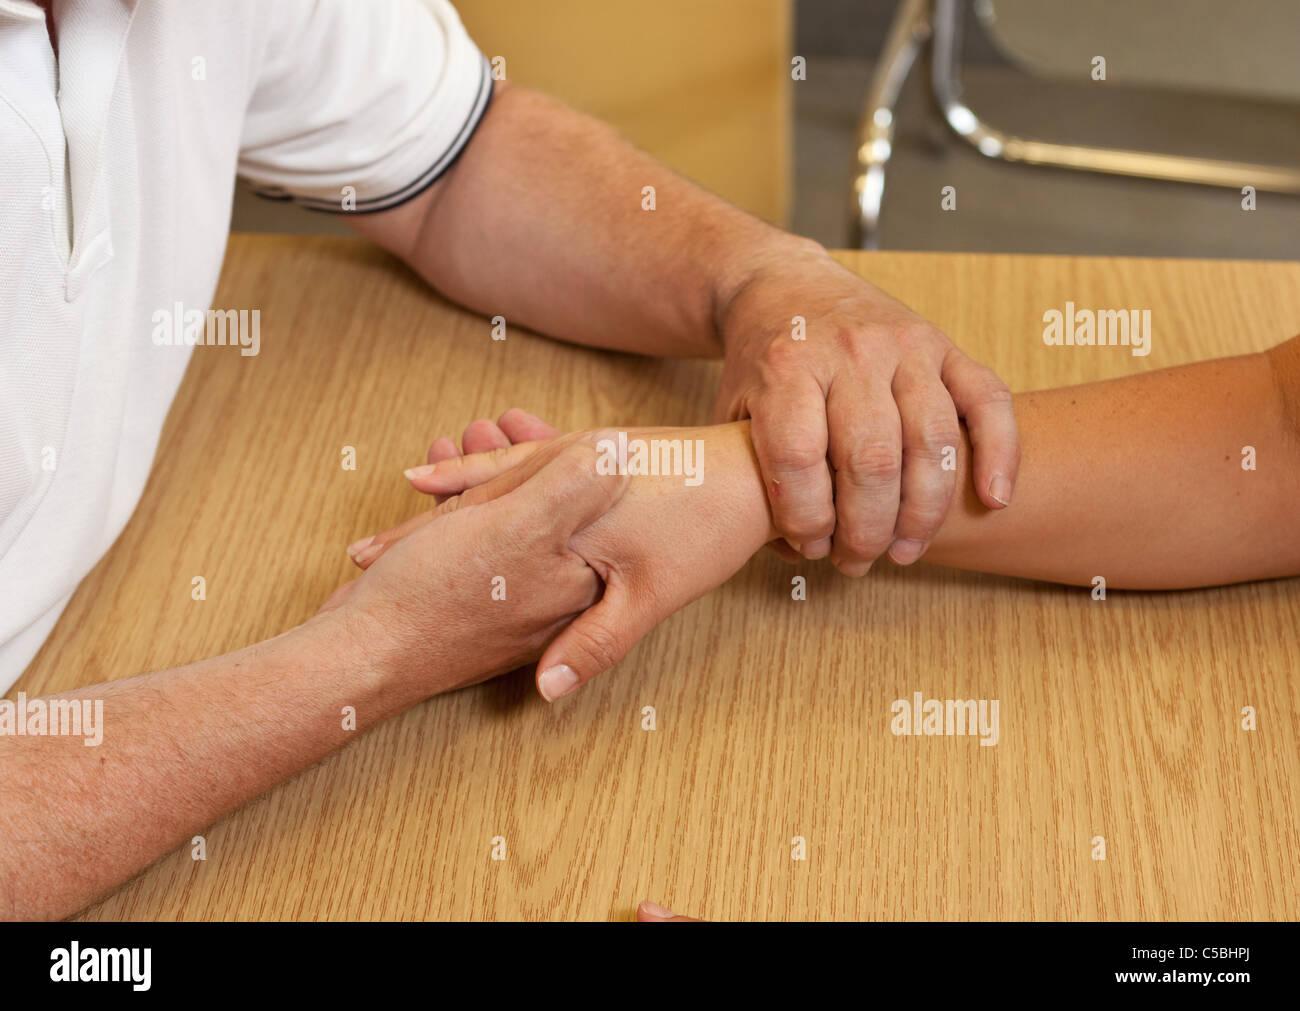 Terapia ocupacional de mano Imagen De Stock